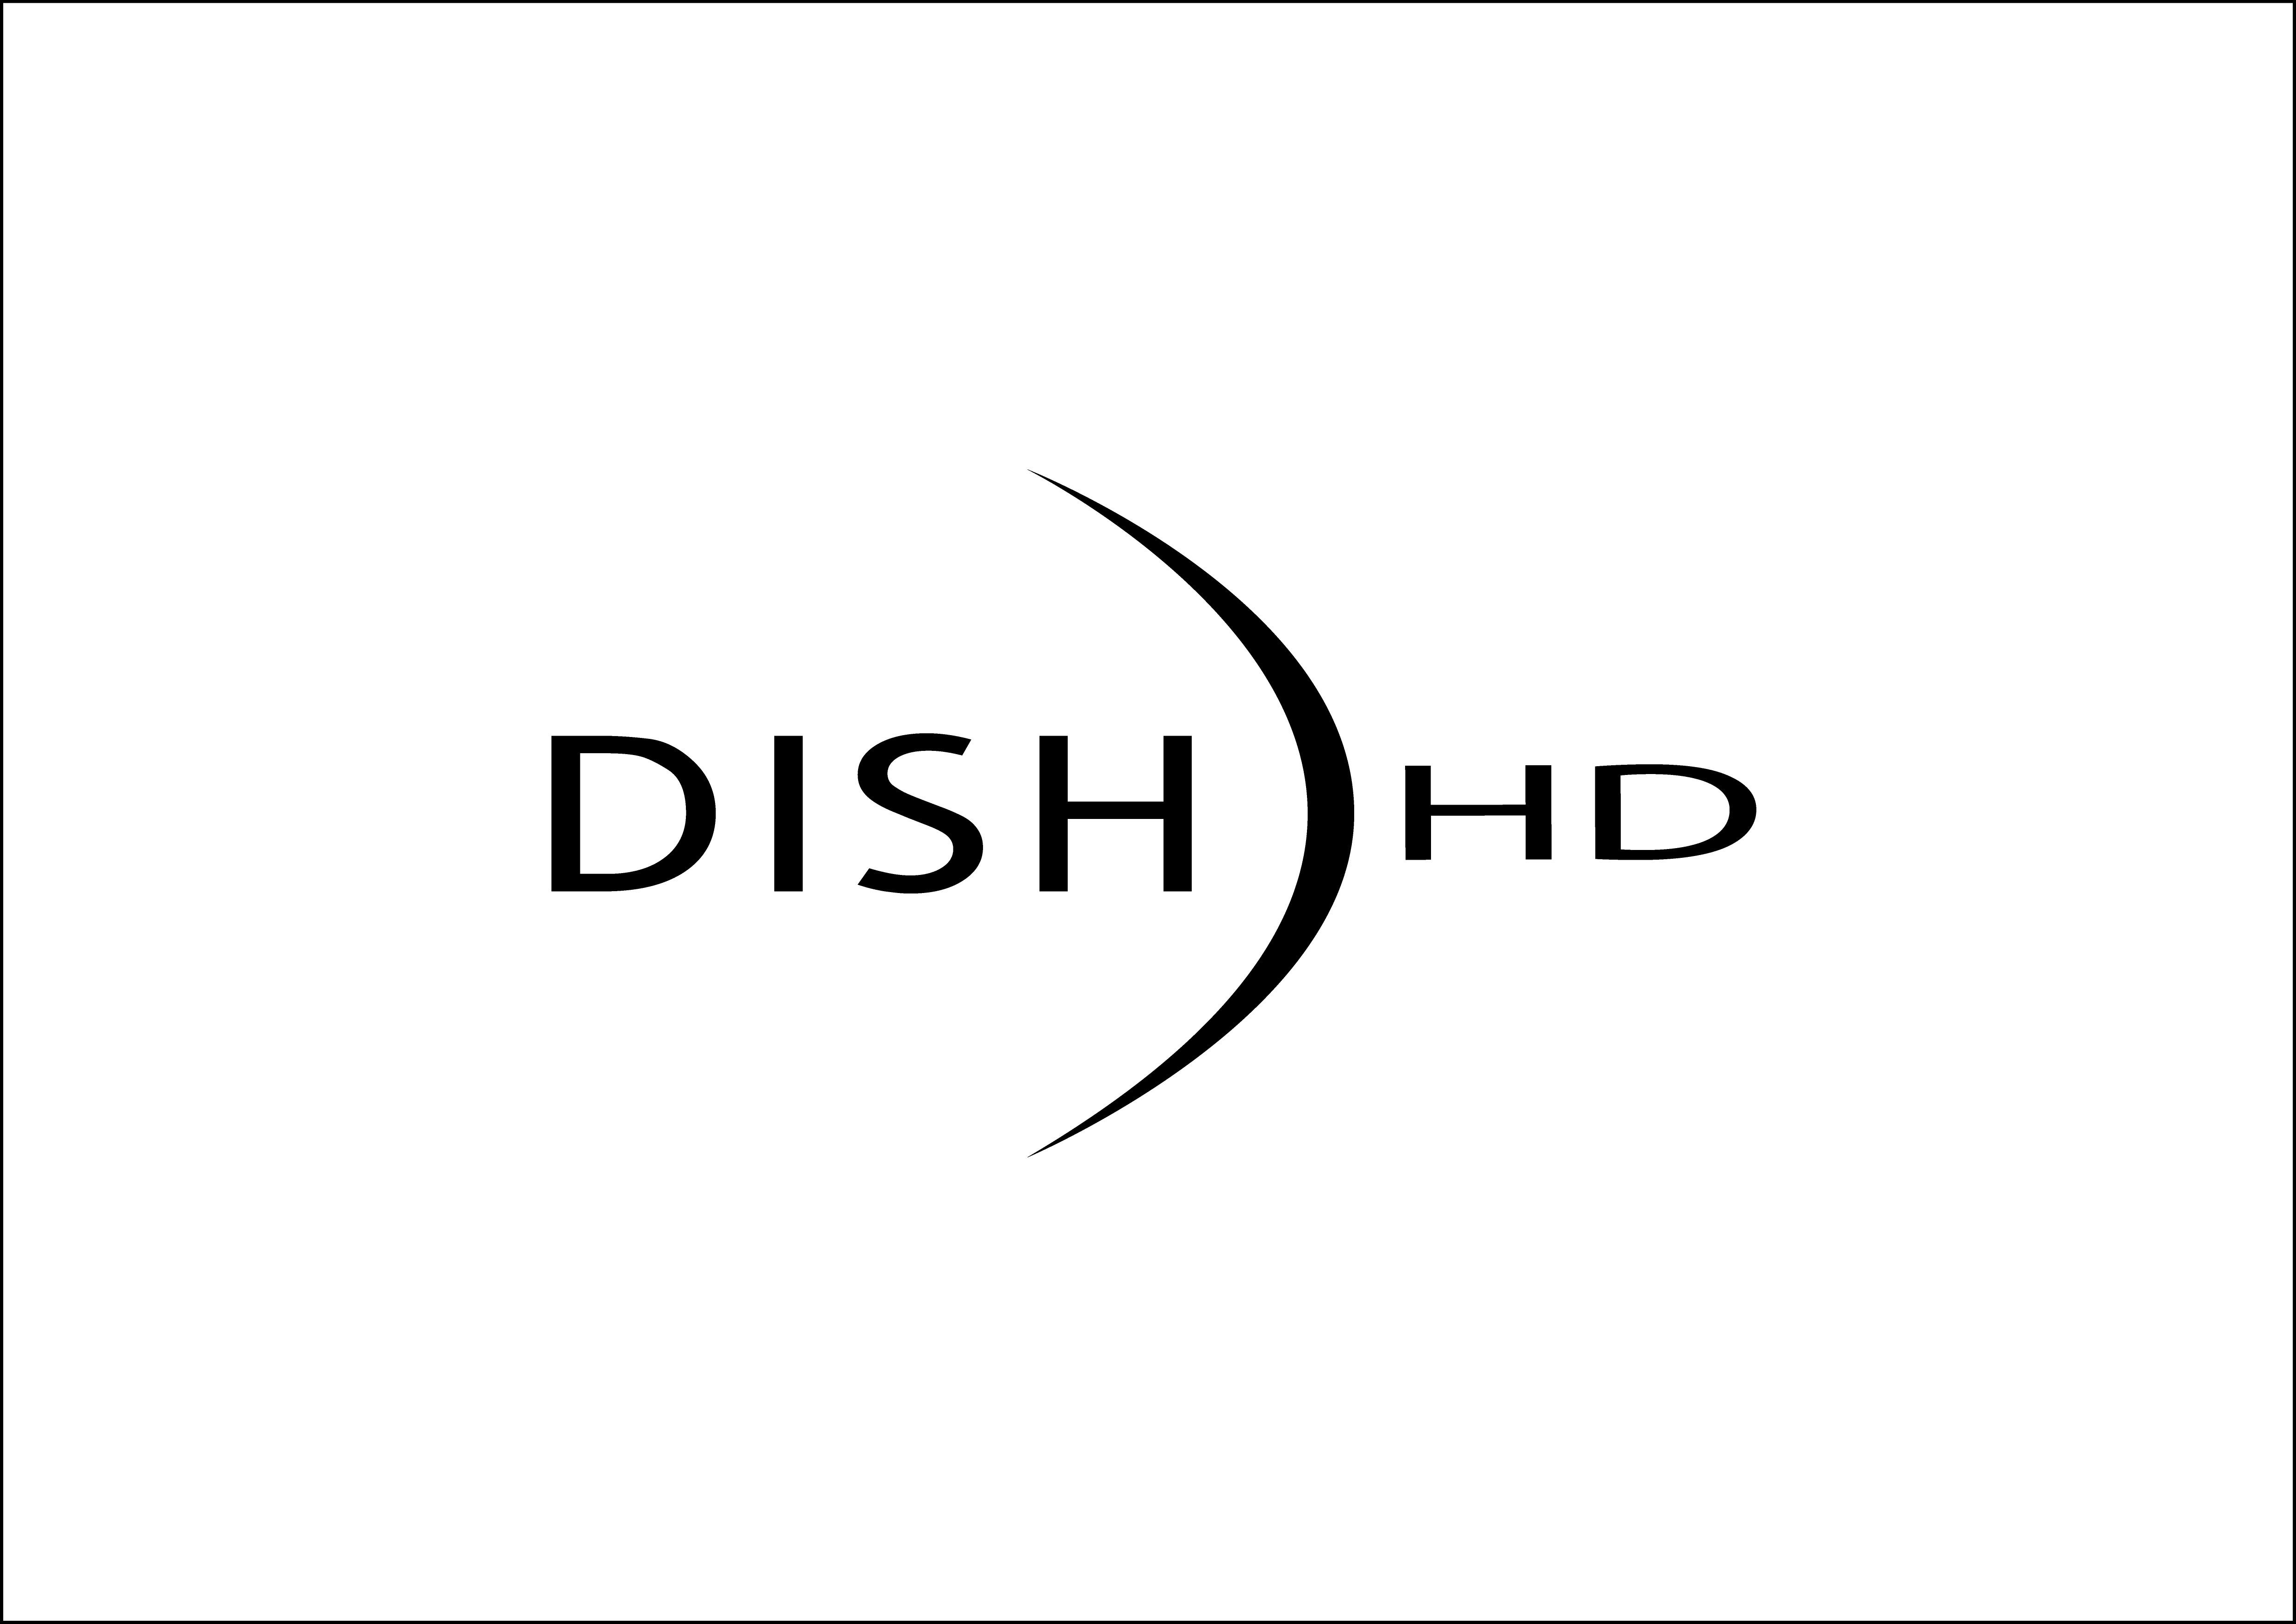 DishHD - Wikipedia